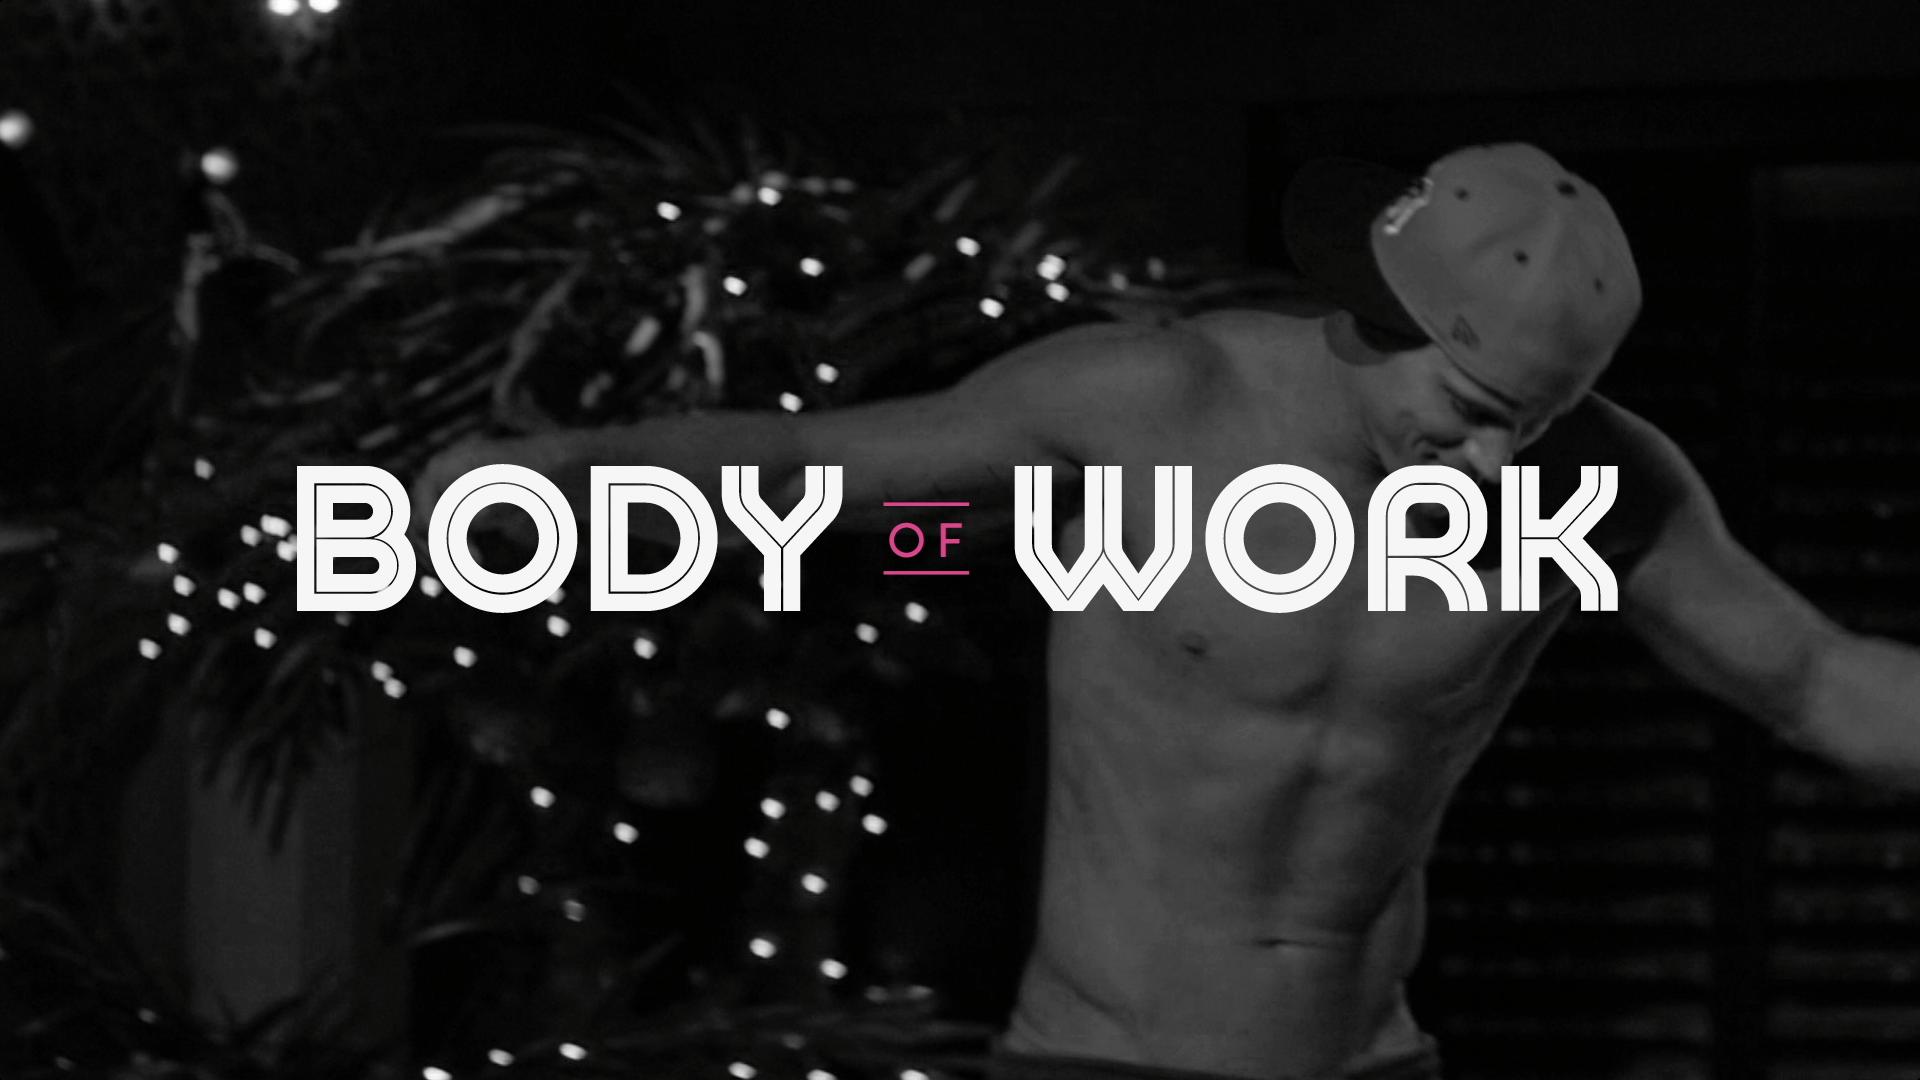 Body of Work: Channing Tatum